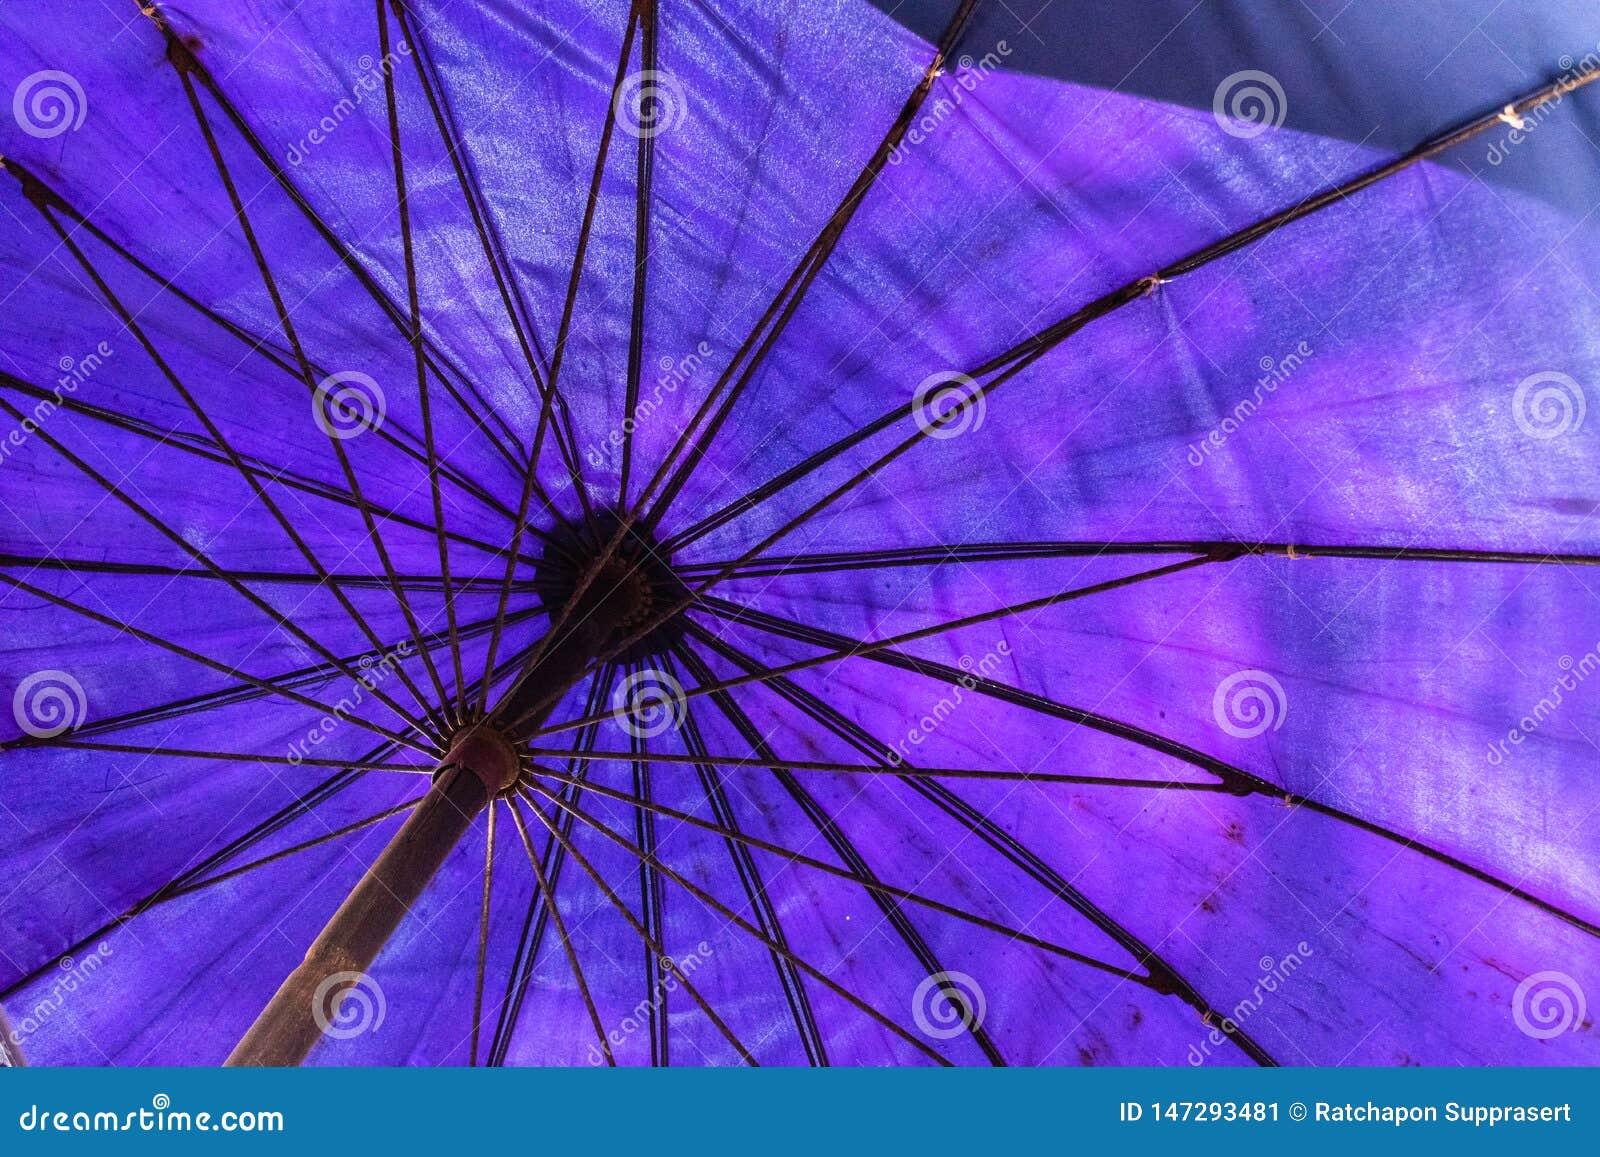 Grote blauwe paraplu op het strand